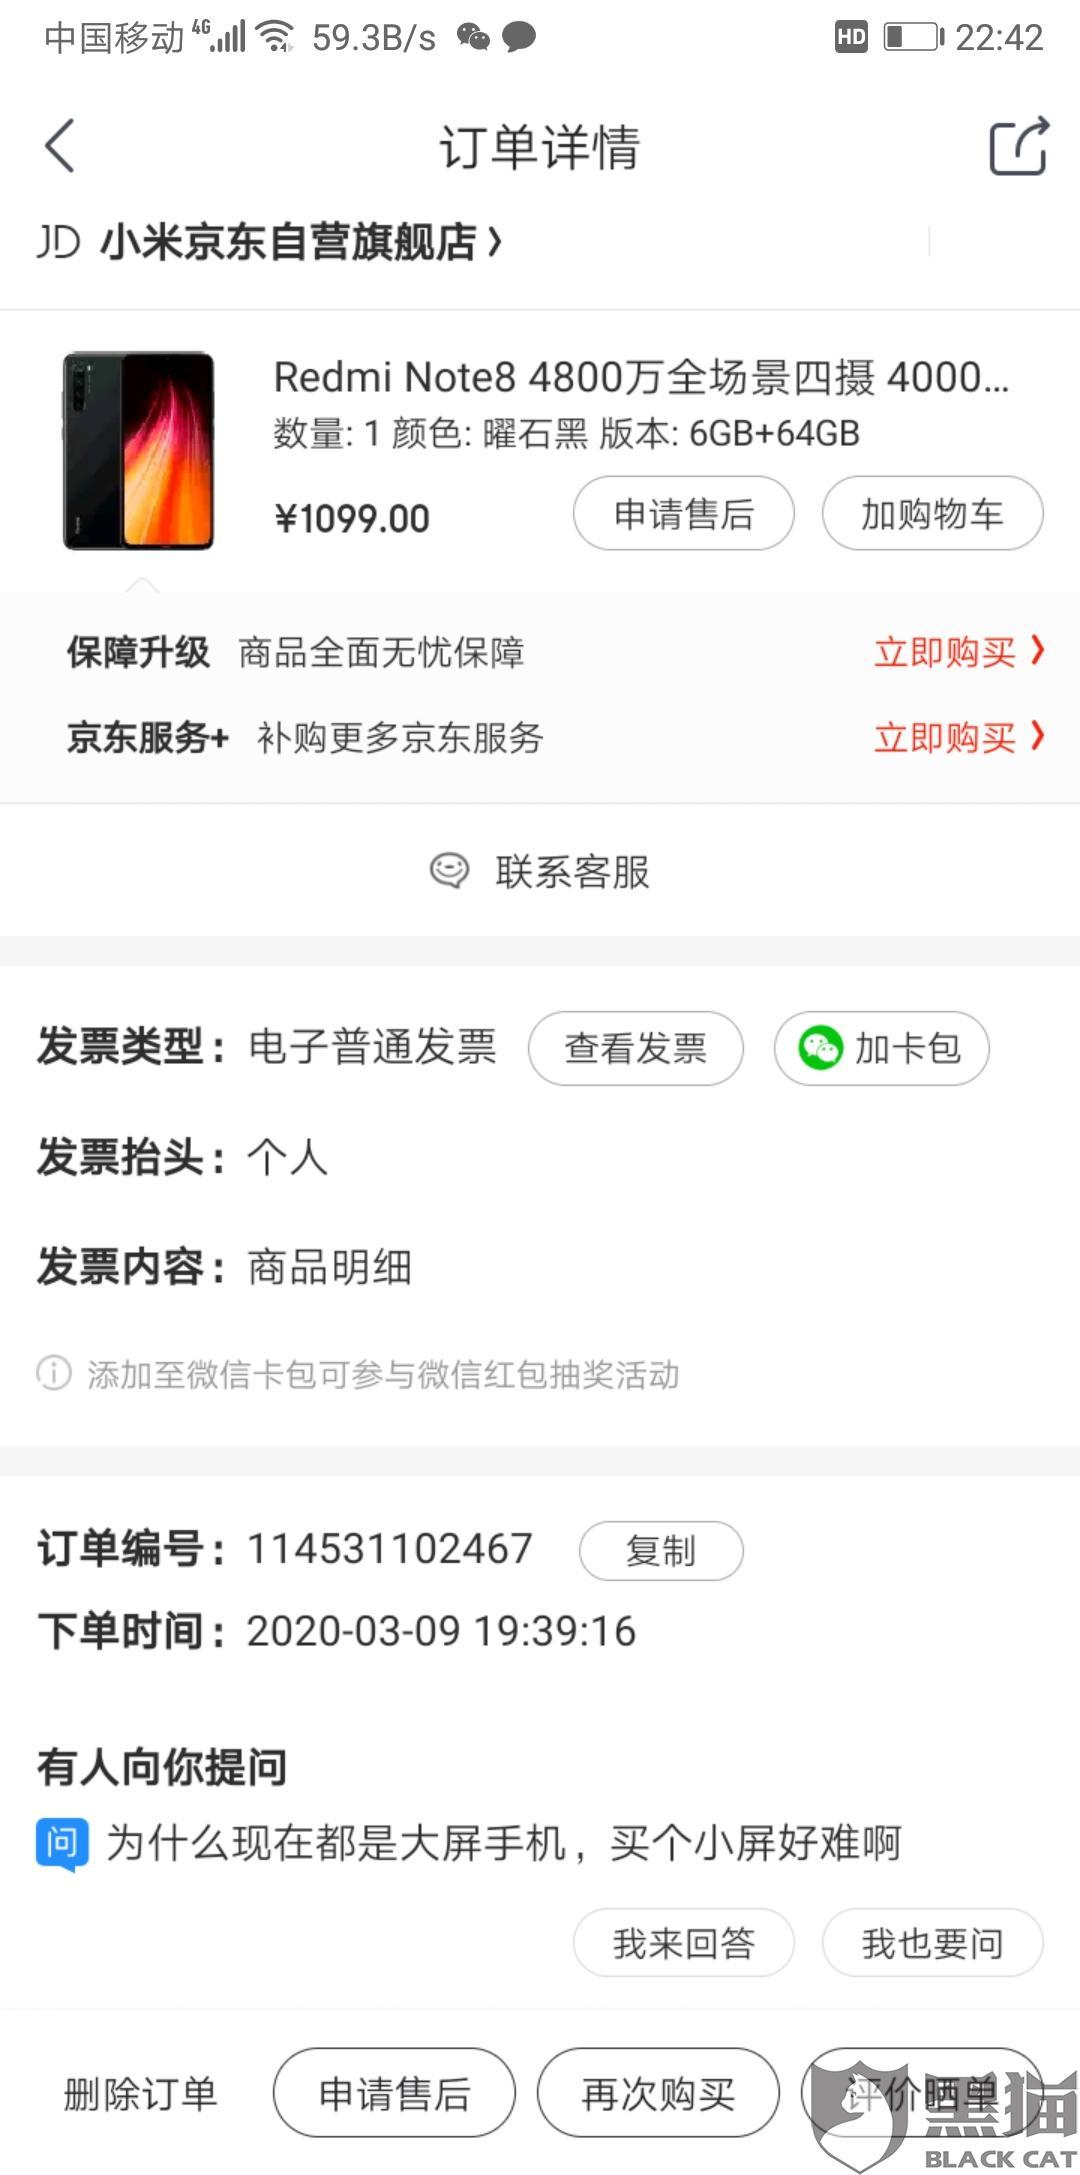 黑猫投诉:在京东小米自营旗舰店购买红米note8手机过保价期降价